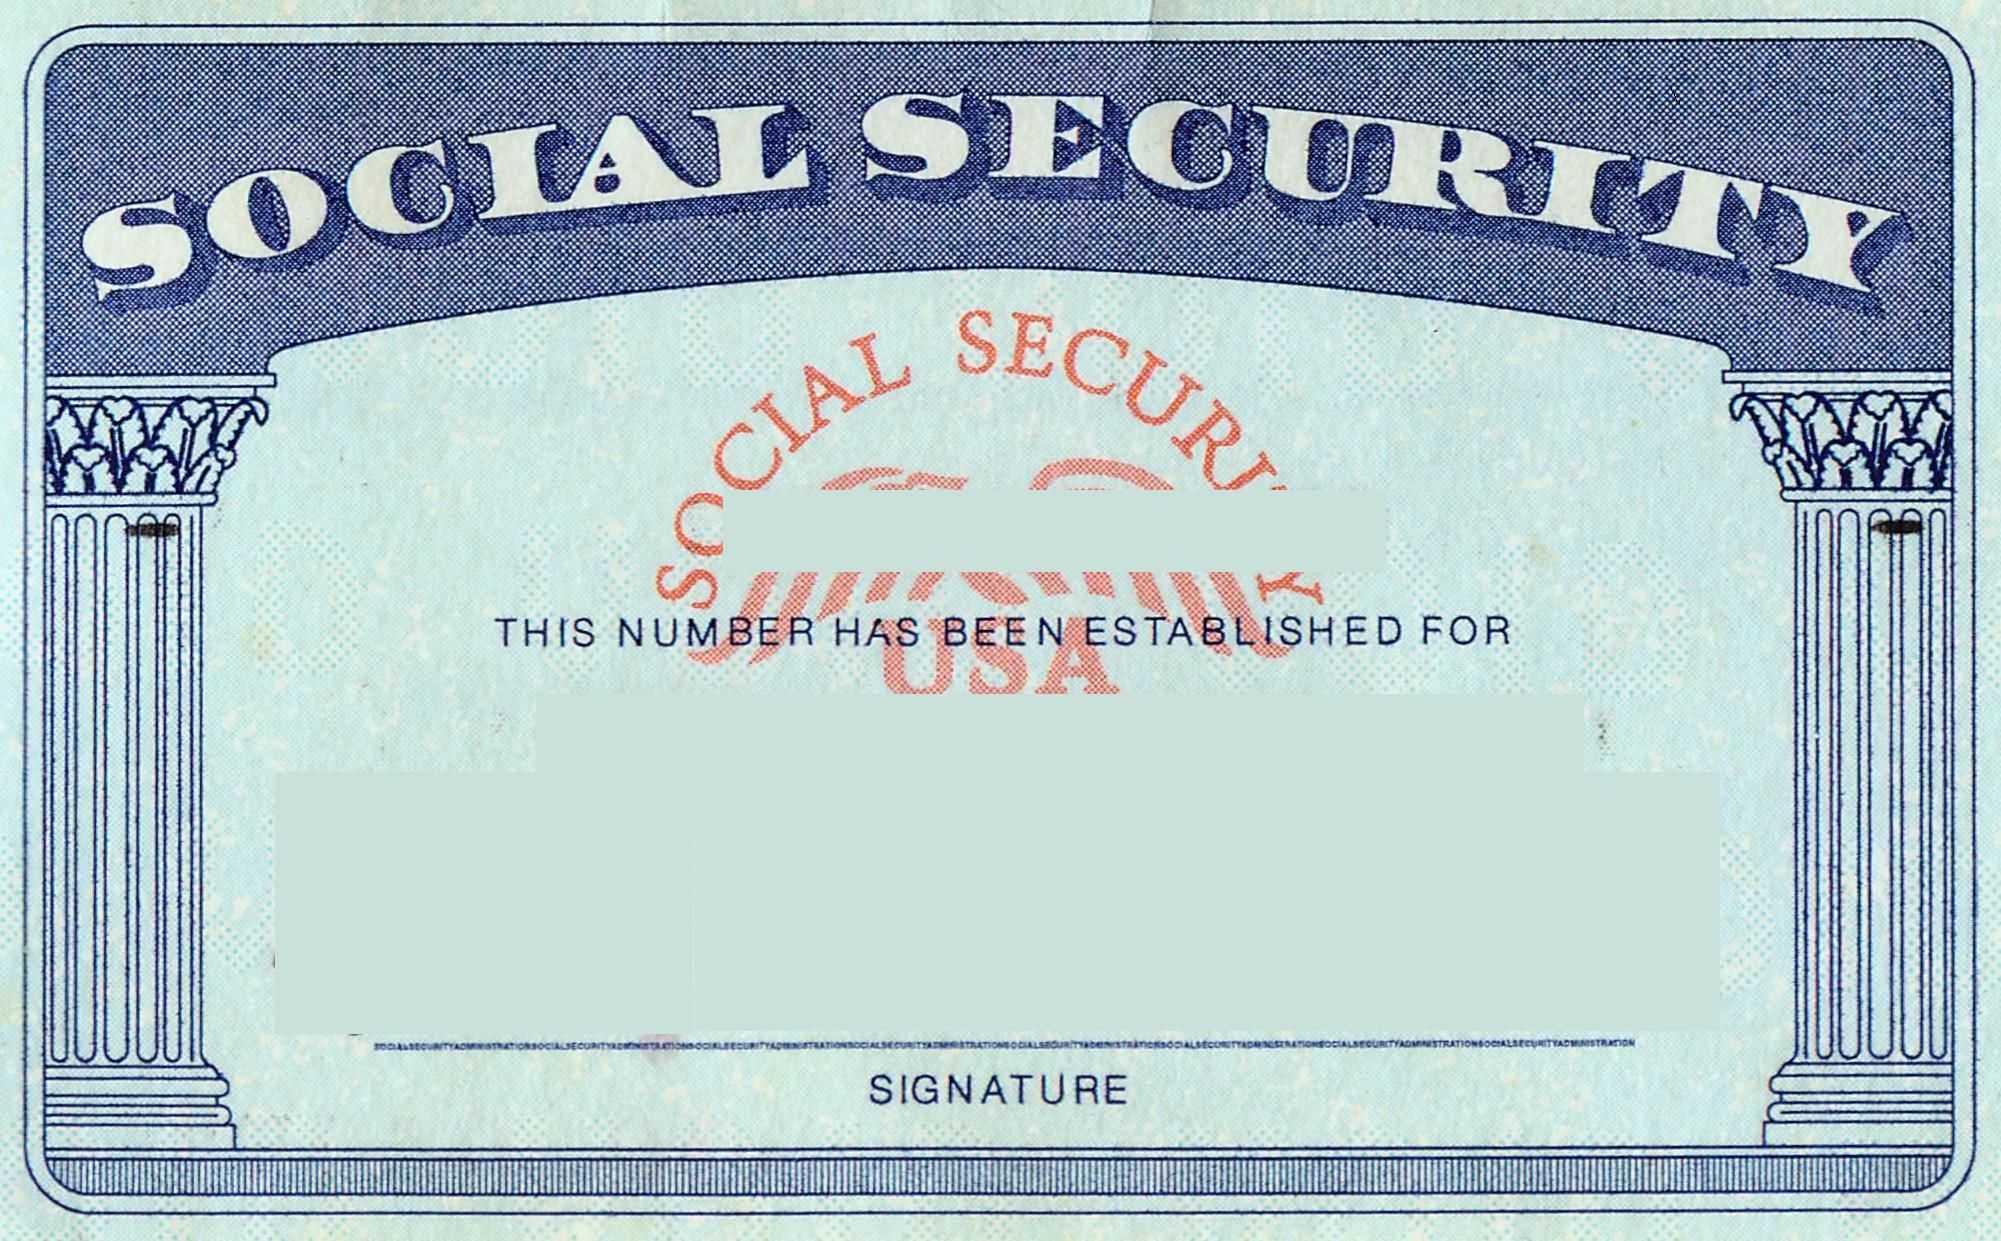 Blank Social Security Card Template | Social Security Card Within Blank Social Security Card Template